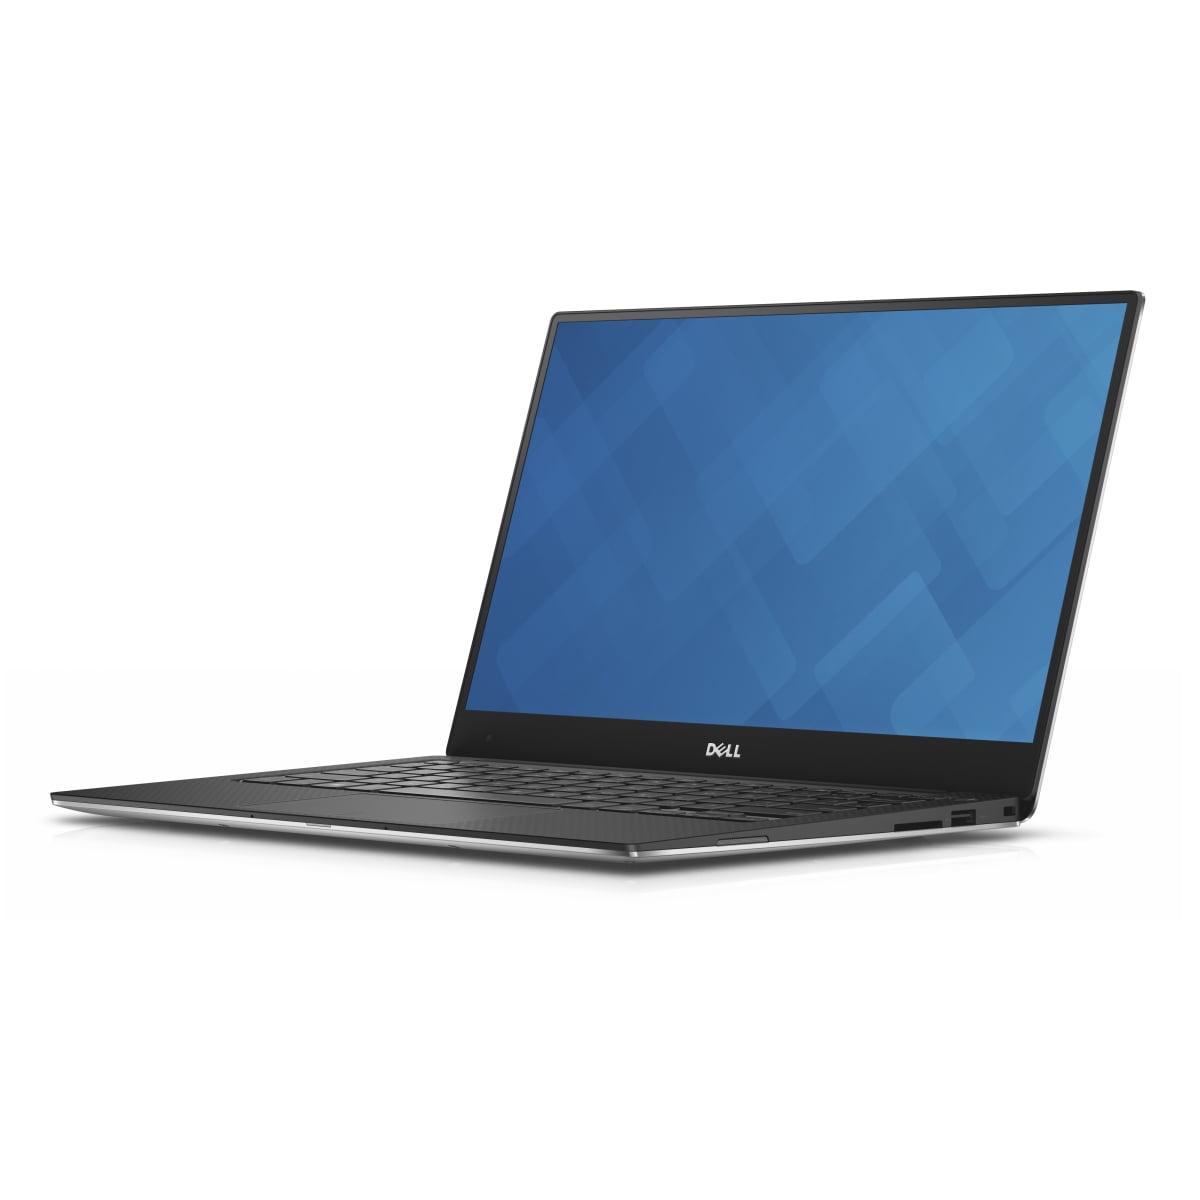 Dell XPS 13-9350 Intel Core i7-6500U X2 2.2GHz 8GB 256GB